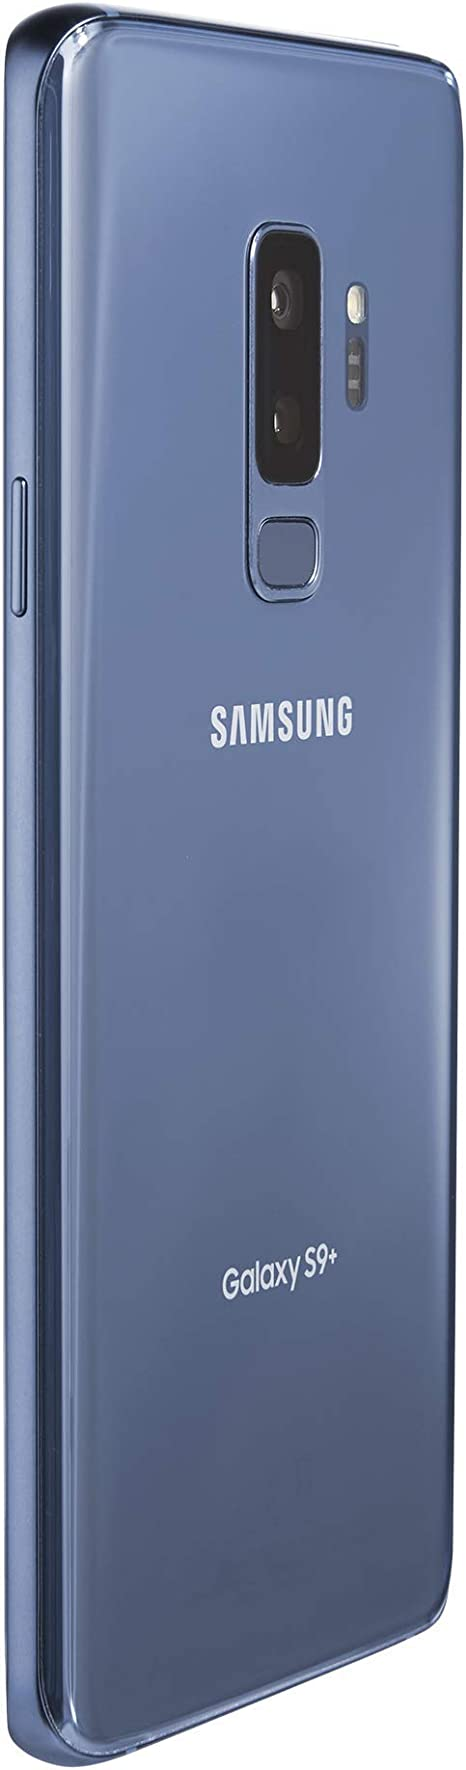 Samsung Galaxy S9 Plus Dual SIM 6.2 pulgadas UK sin SIM Smartphone desbloqueado (reacondicionado): Amazon.es: Electrónica